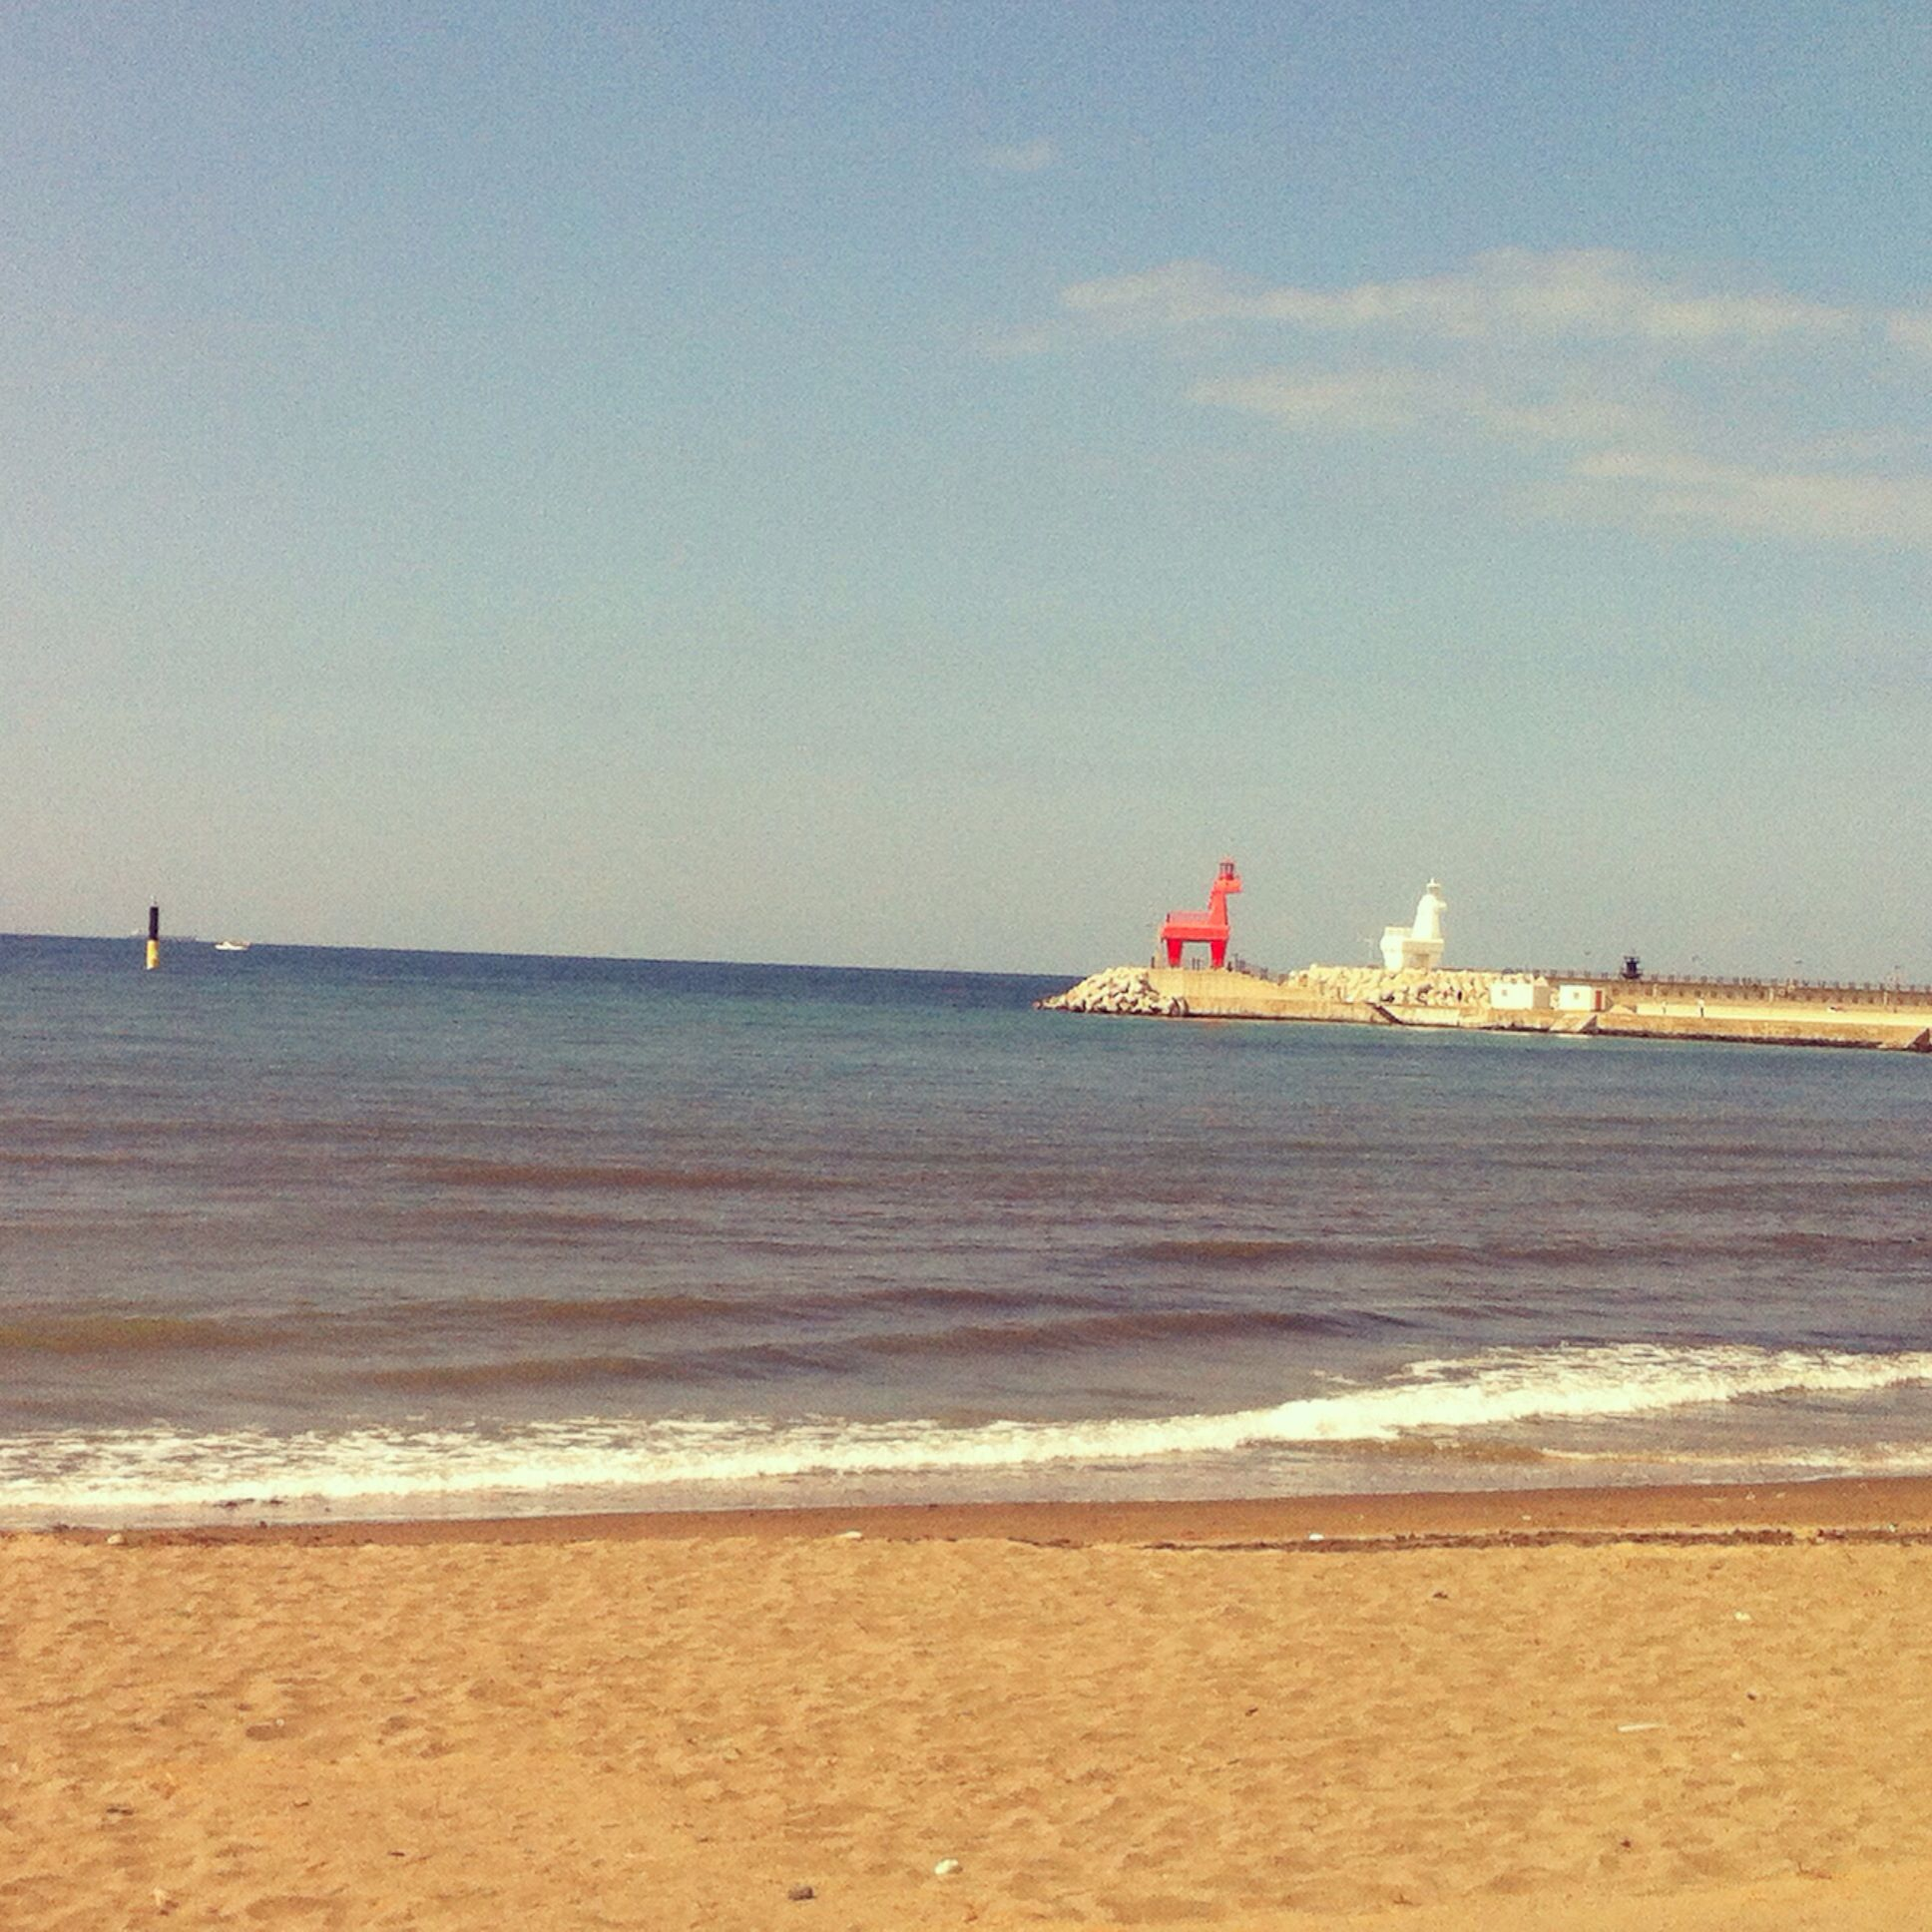 Jeju Island Beaches: Two Horse Lighthouses At Iho Tewoo Beach In Jeju Island